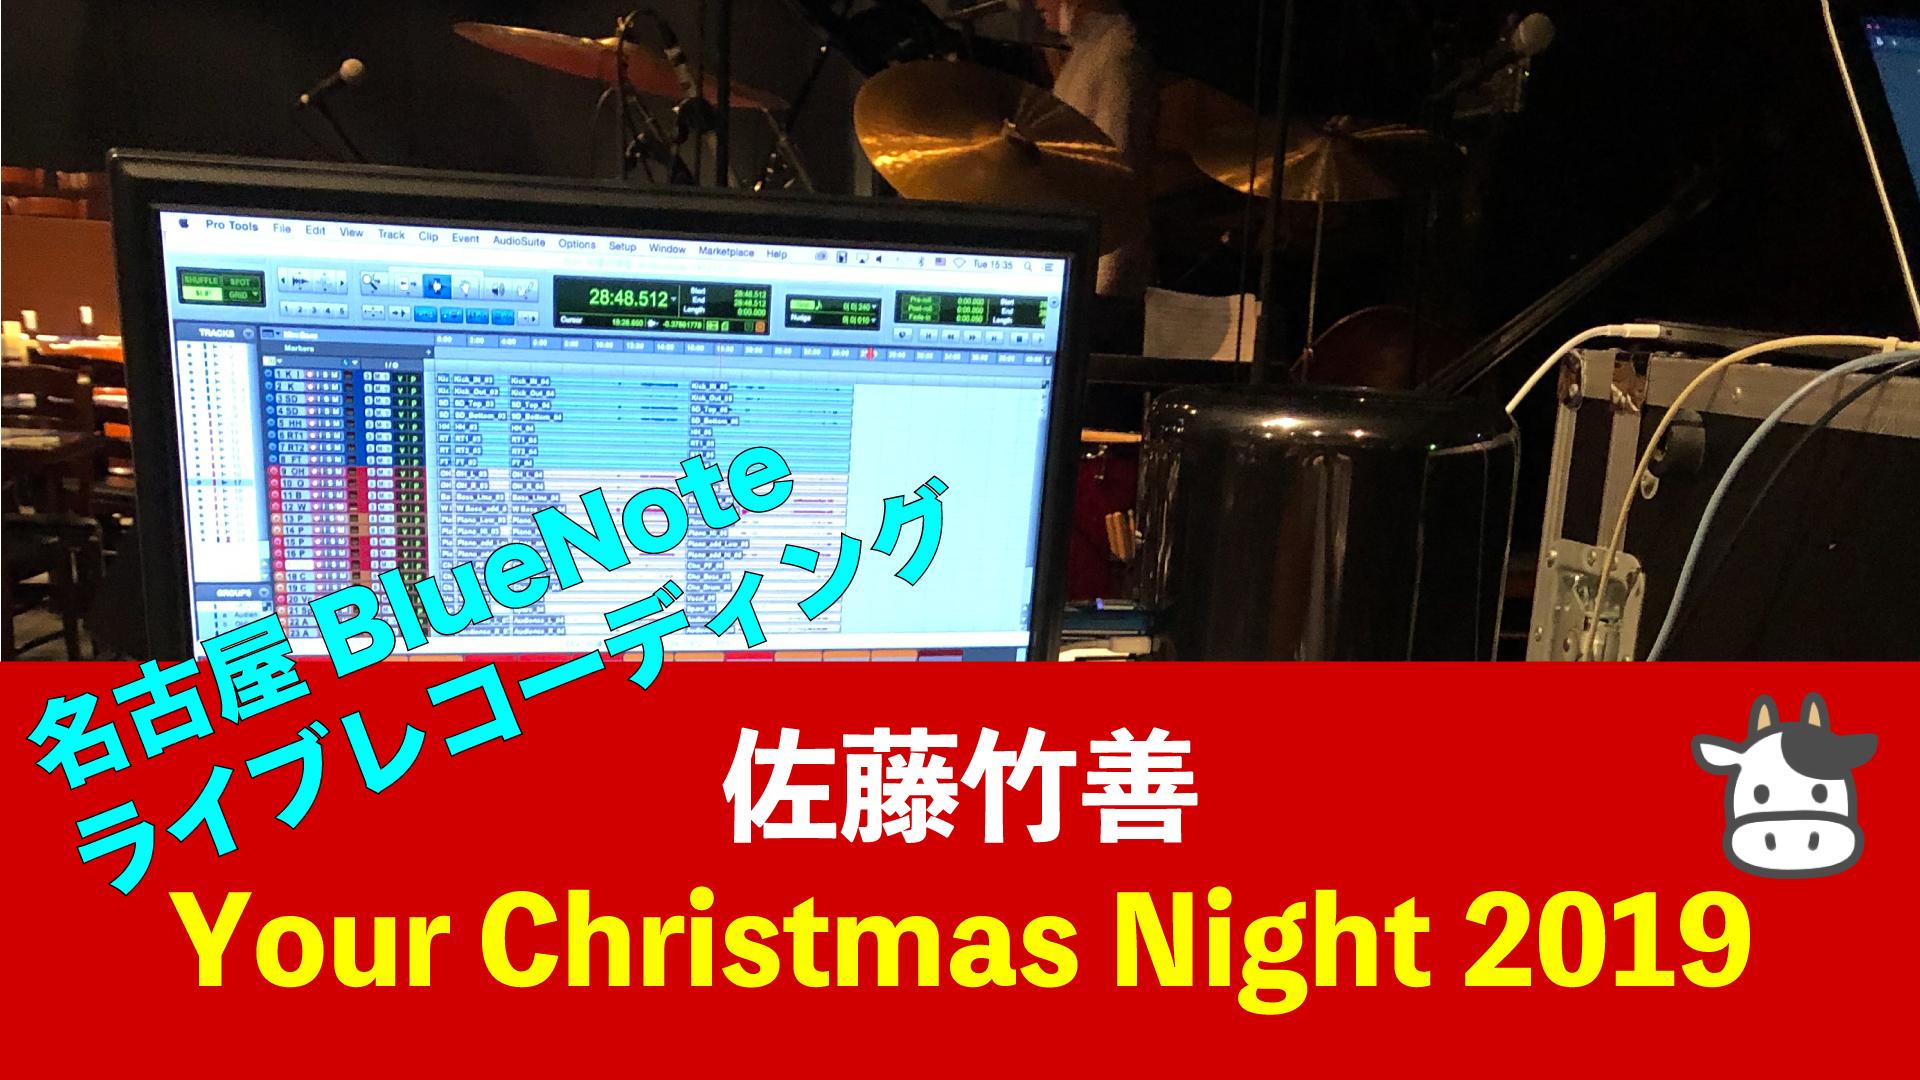 佐藤竹善 Your Christmas Night 2019【ライブ録音】